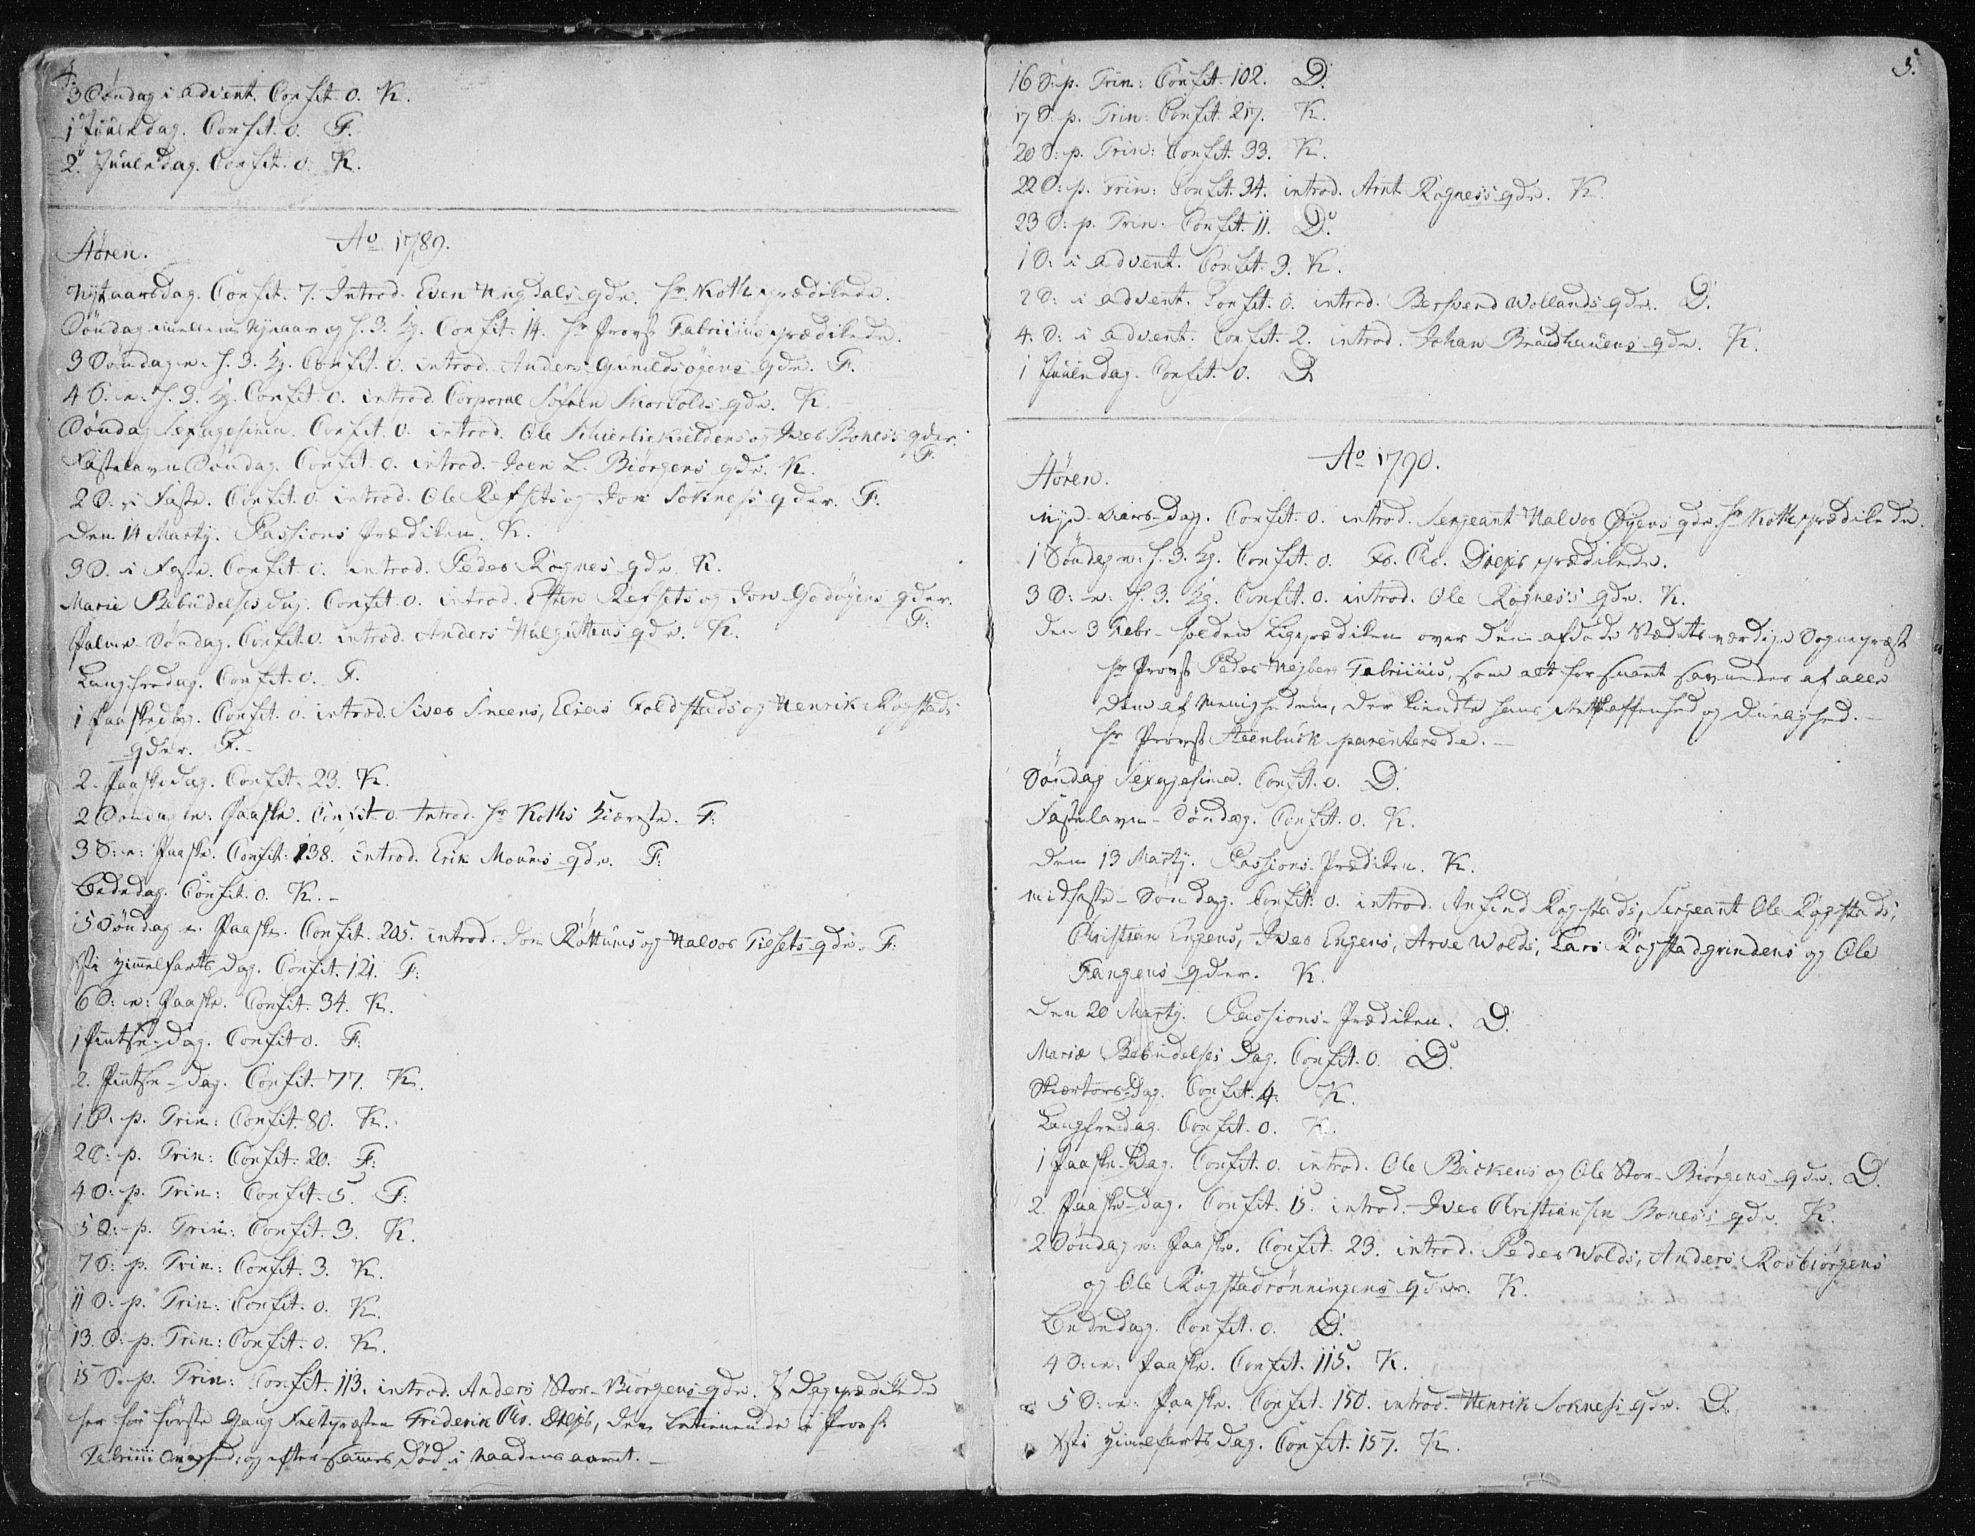 SAT, Ministerialprotokoller, klokkerbøker og fødselsregistre - Sør-Trøndelag, 687/L0992: Ministerialbok nr. 687A03 /1, 1788-1815, s. 4-5